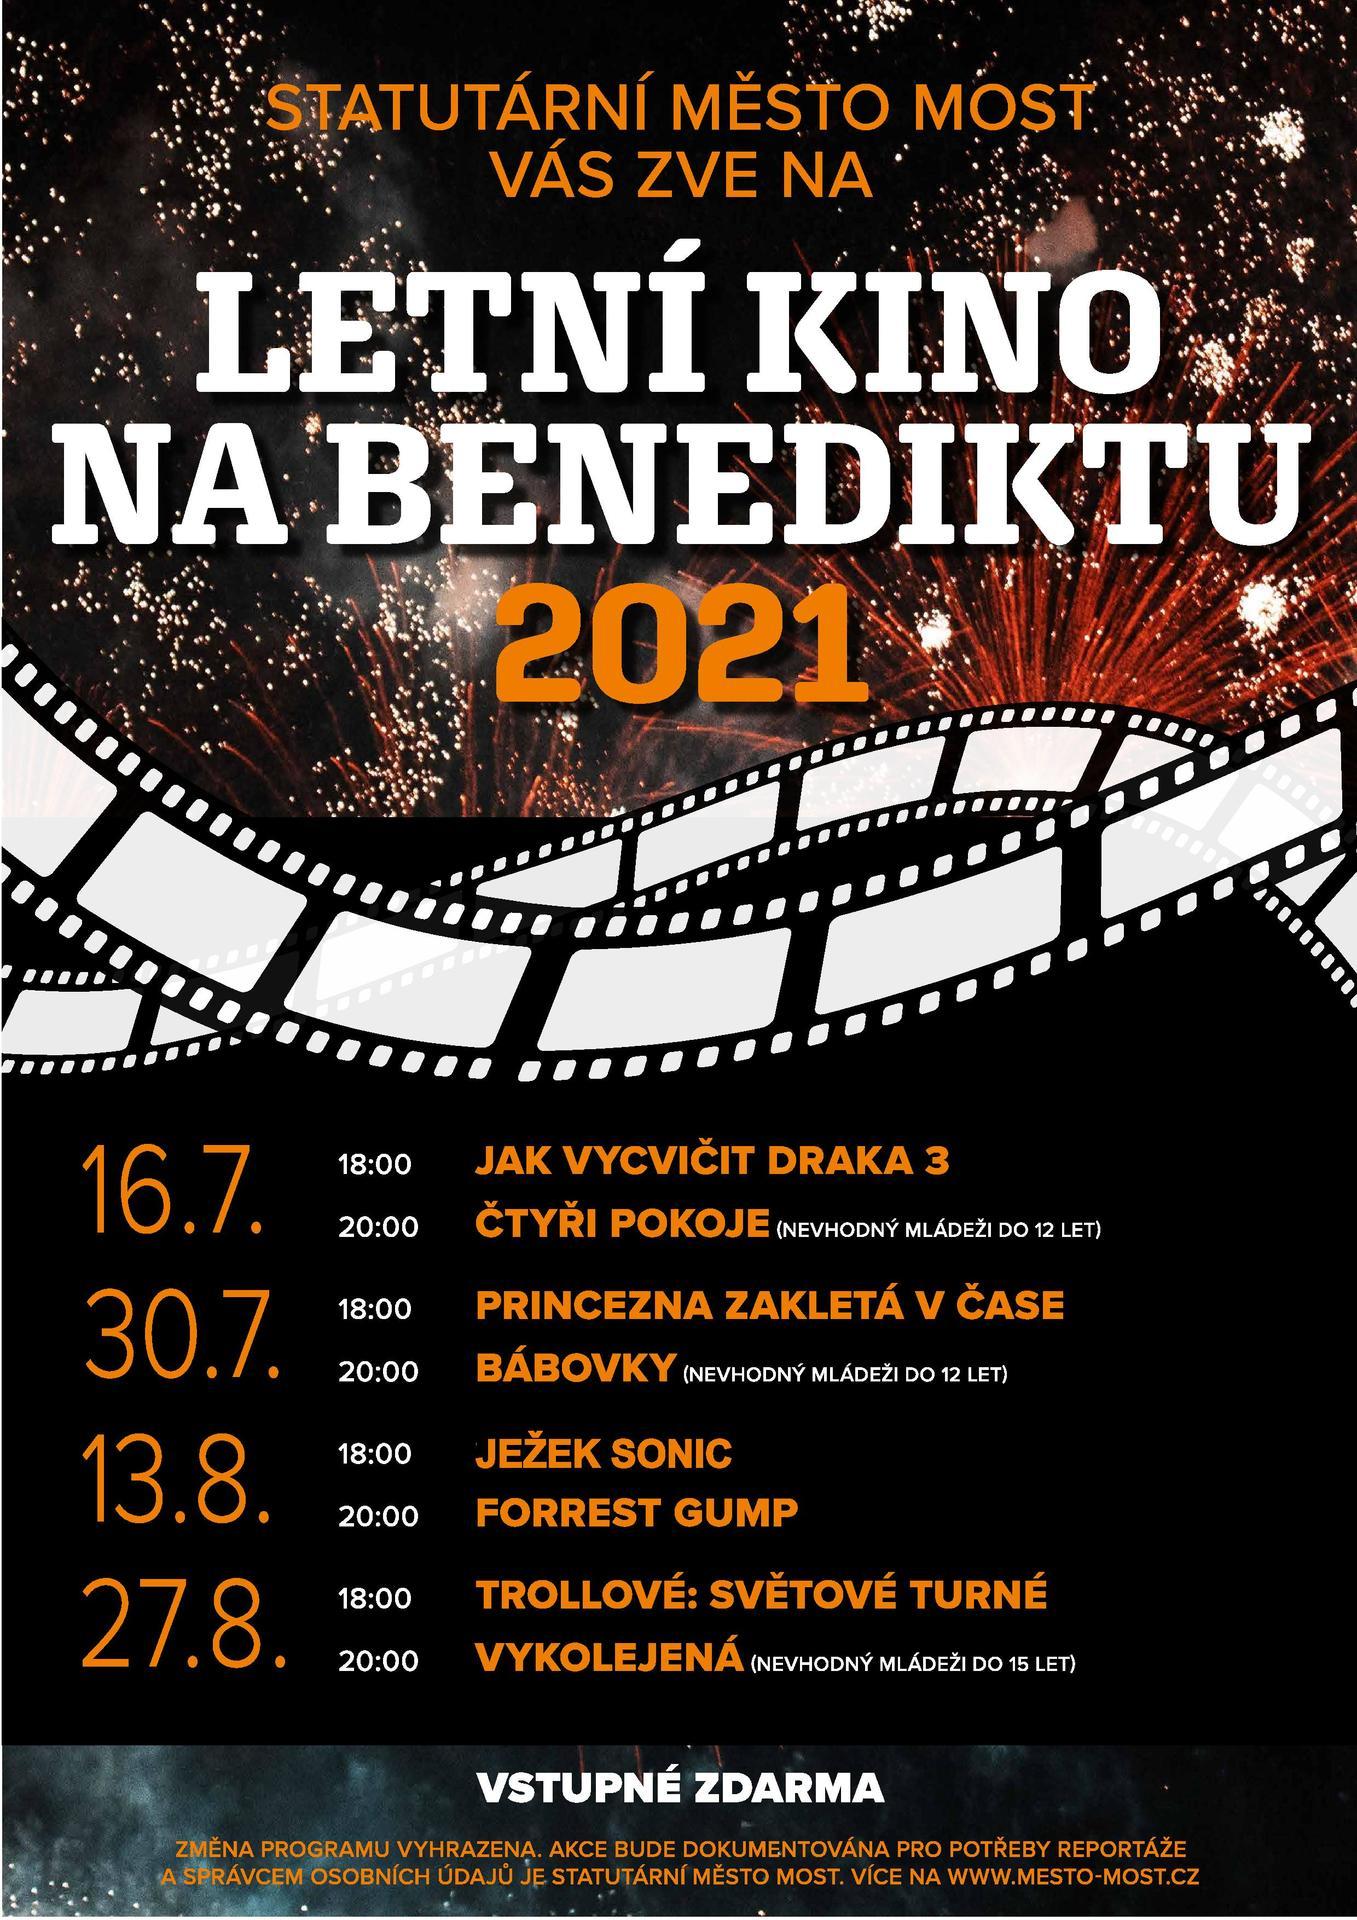 Letní kino na Benediktu - Jak vycvičit draka 3 a Čtyři pokoje